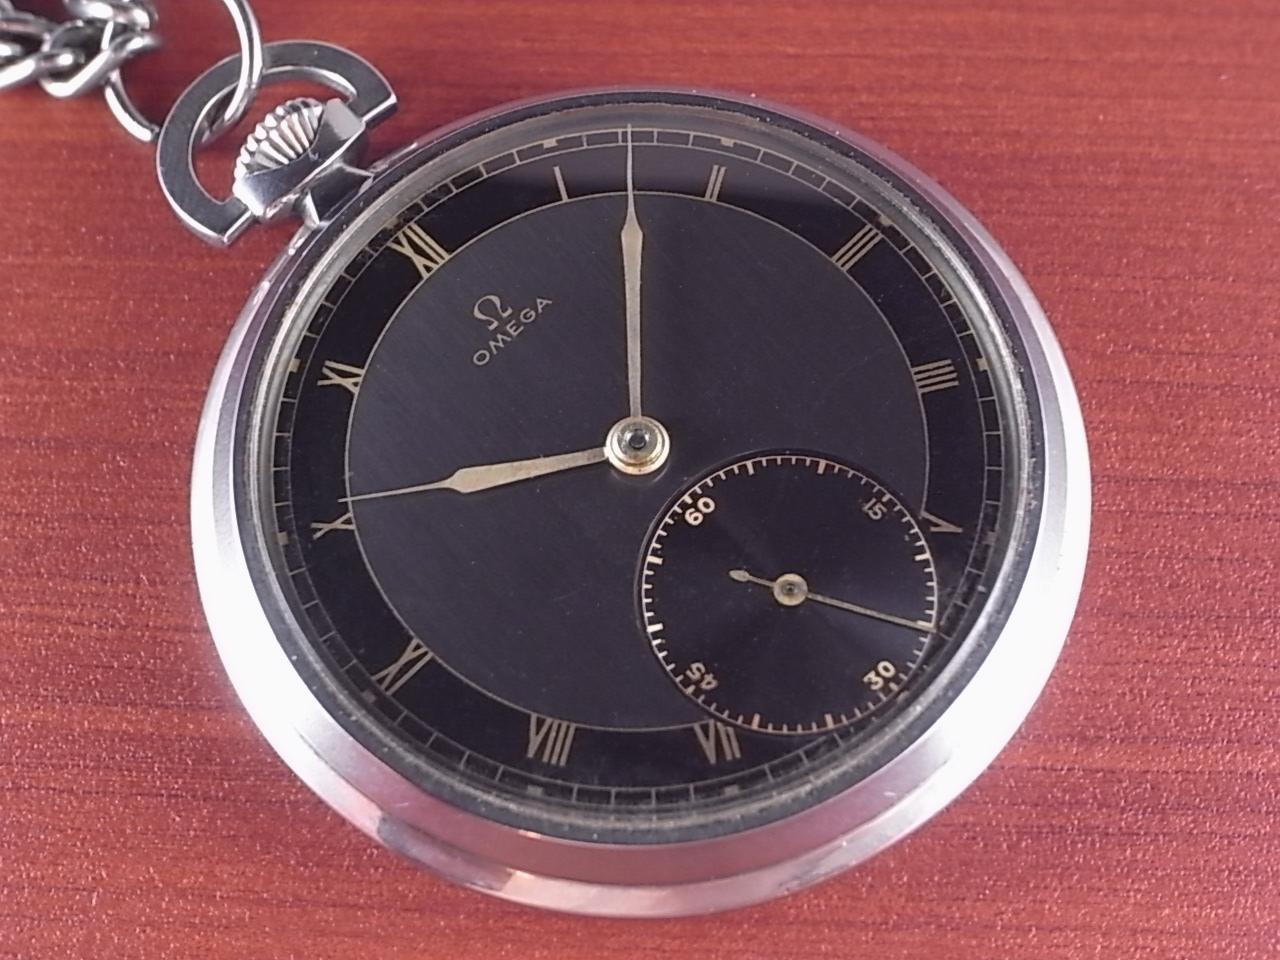 オメガ ポケットウォッチ ブラック/グレー 2トーンダイアル 1940年代のメイン写真